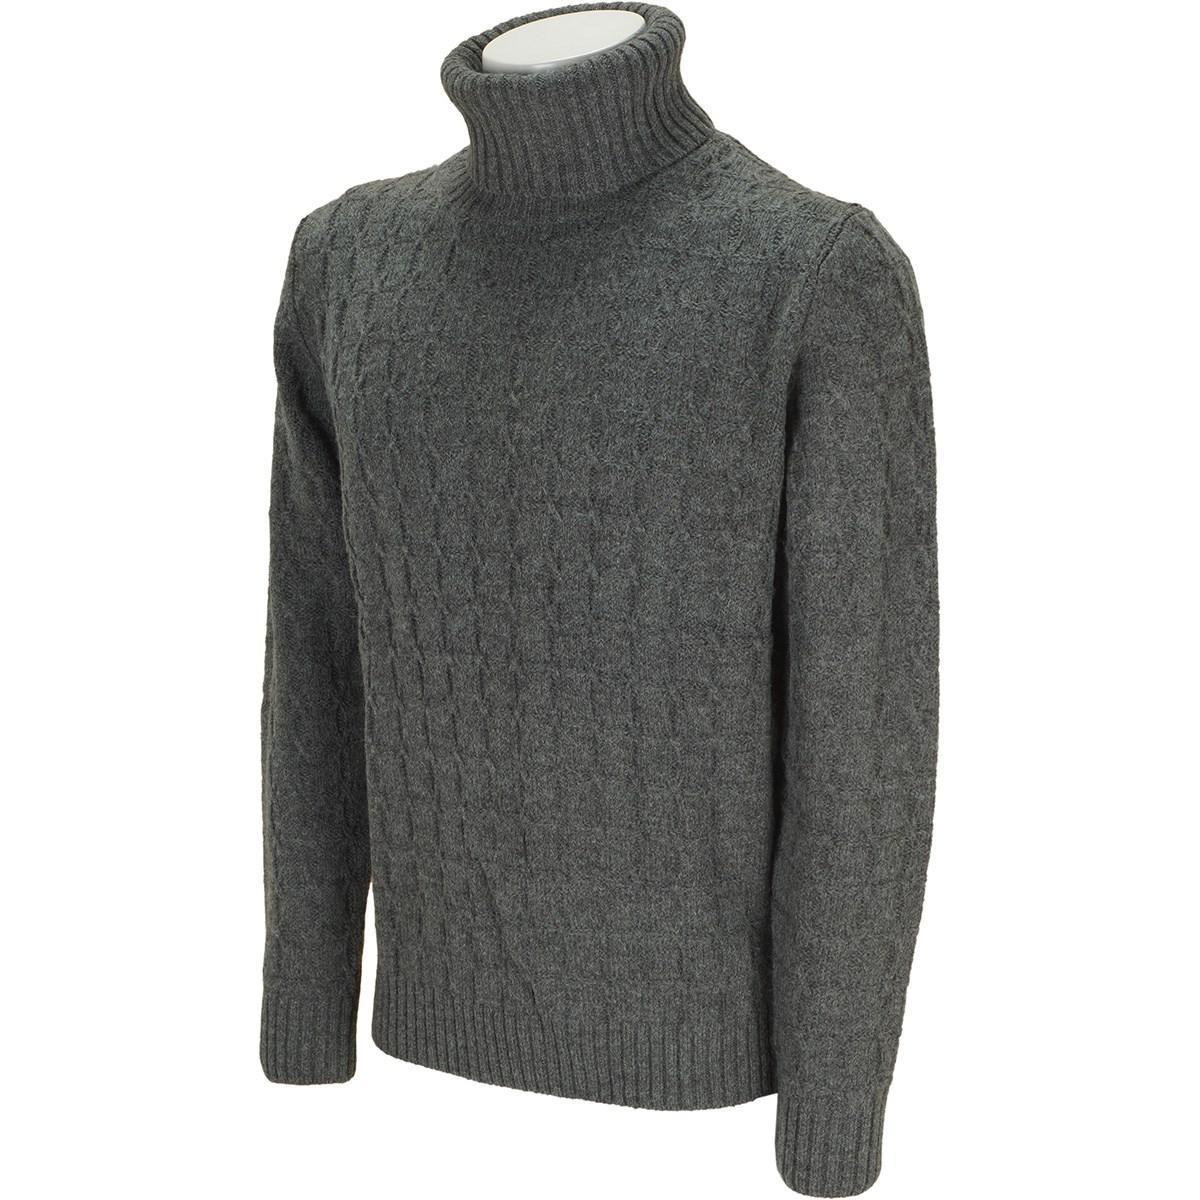 マスターバニーエディション 変形ケーブル タートルネックセーター